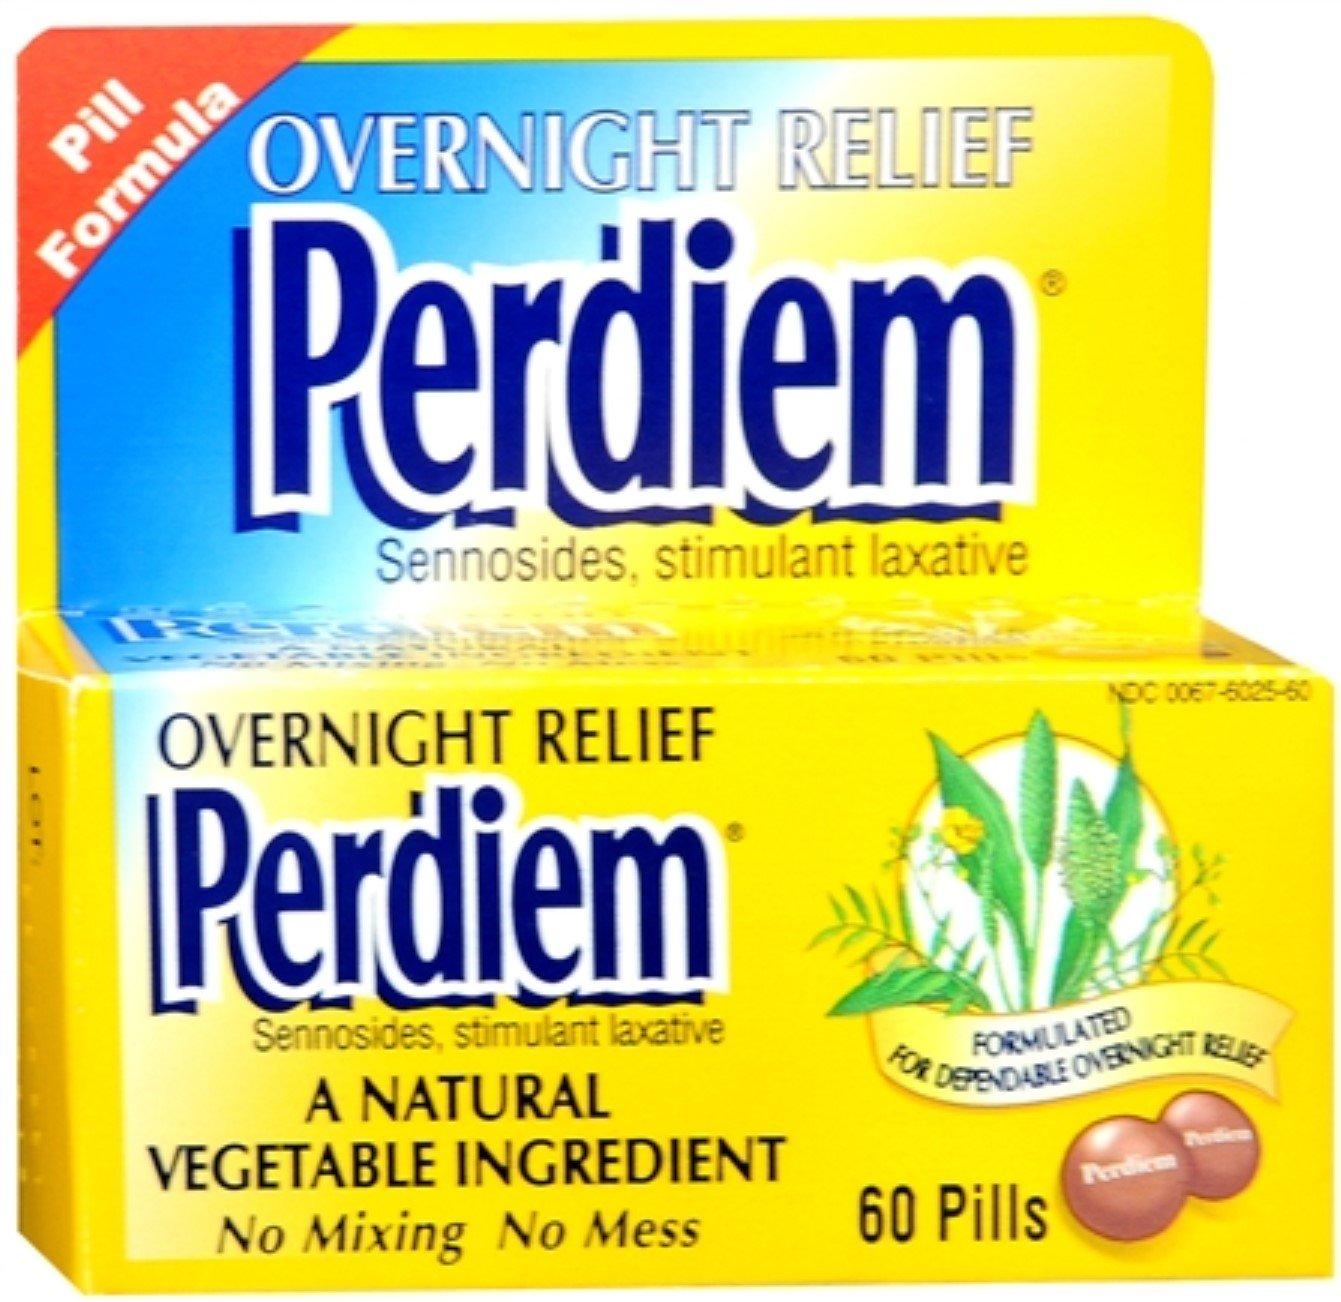 Perdiem Pills Overnight Relief 60 Each (Pack of 12) by Perdiem